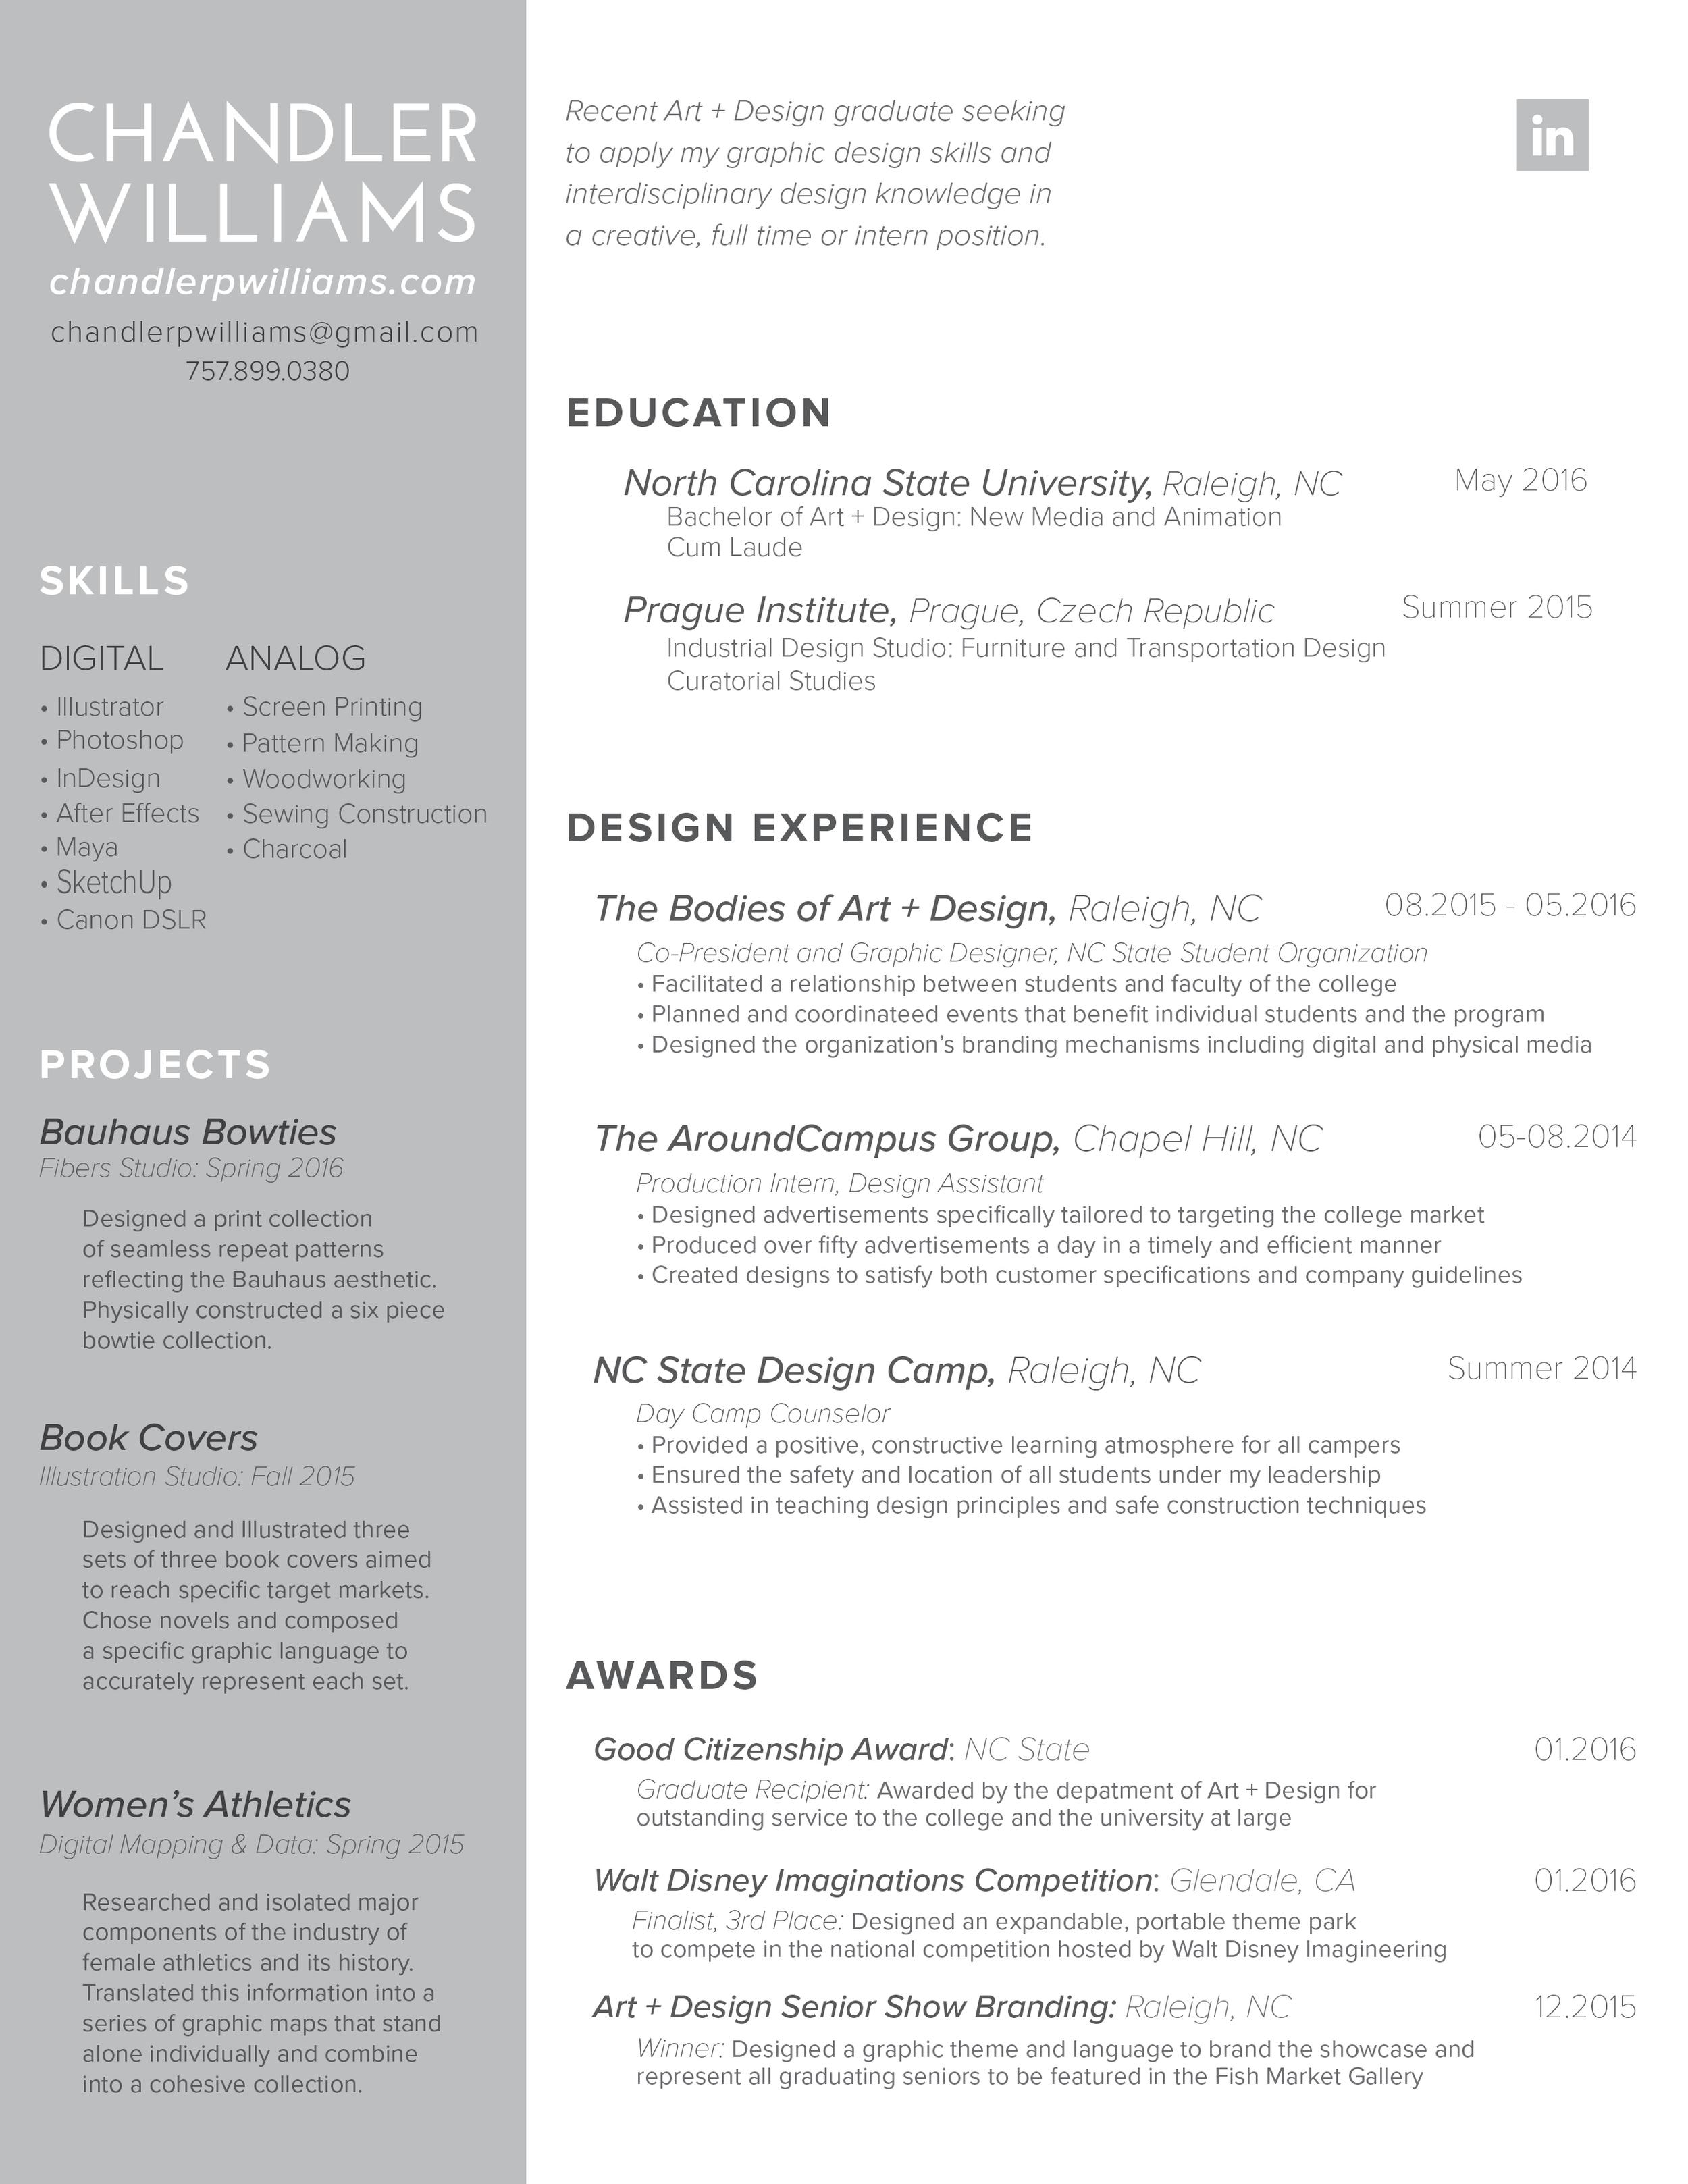 ChandlerWilliams_Resume.jpg